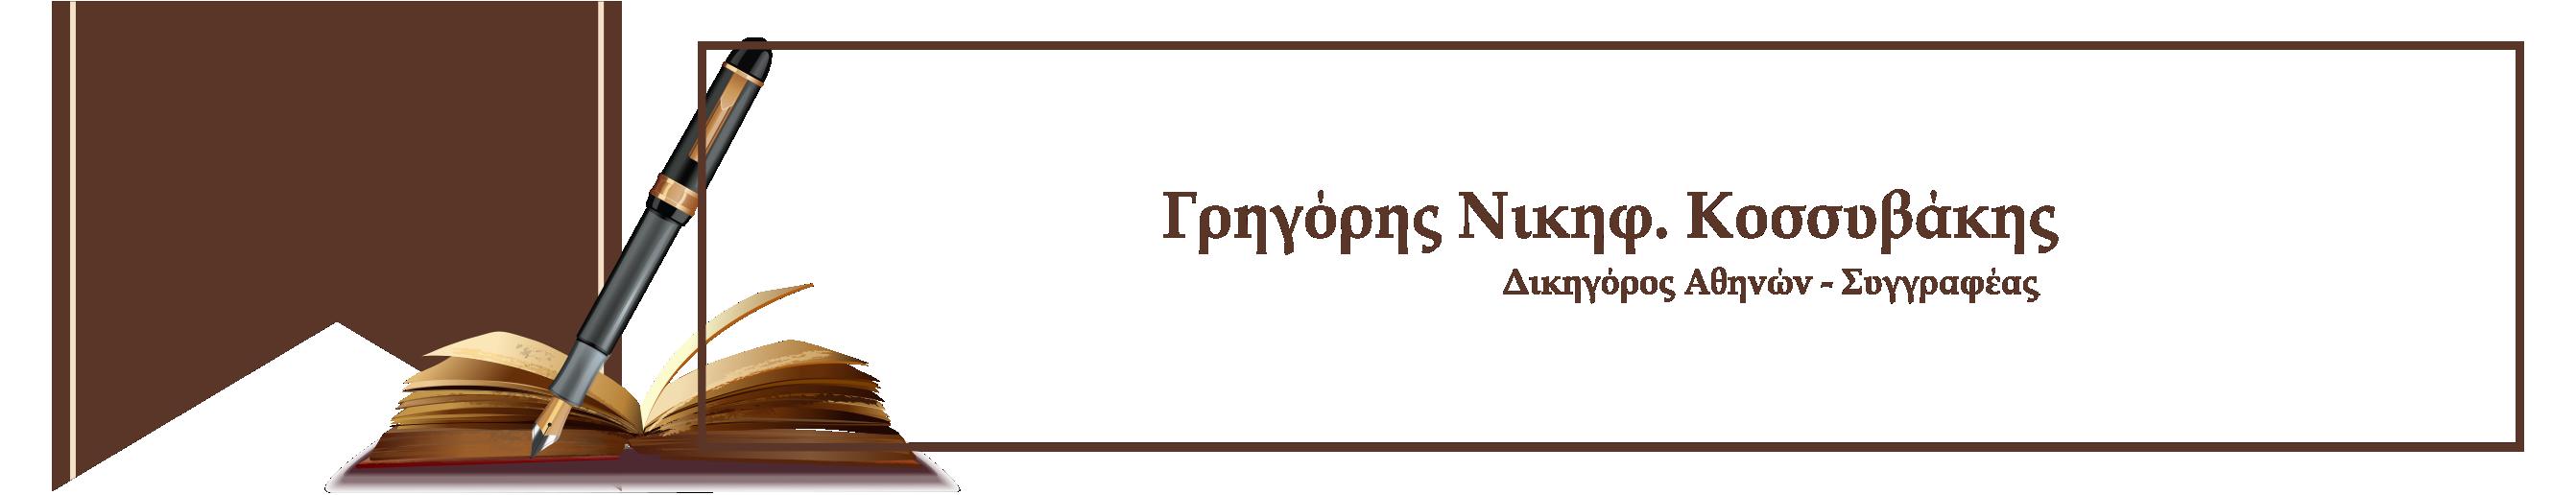 Γρηγόρης Κοσσυβάκης,